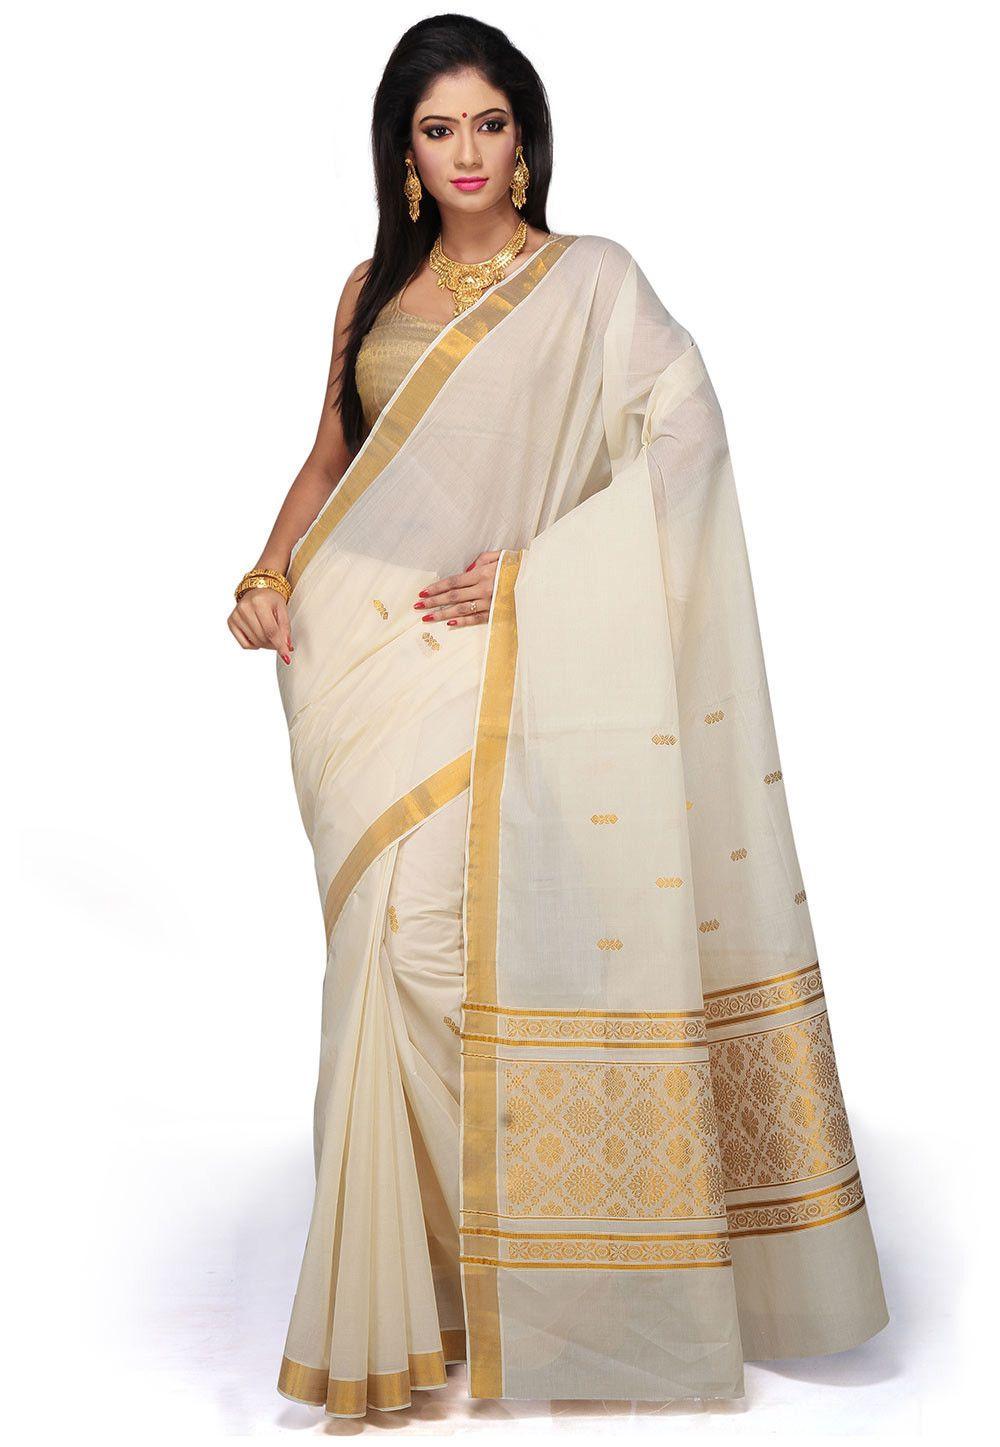 6816183a69 Pin by Joshindia.com on Kerala Sarees | Pinterest | Saree, Kerala saree and Cotton  saree